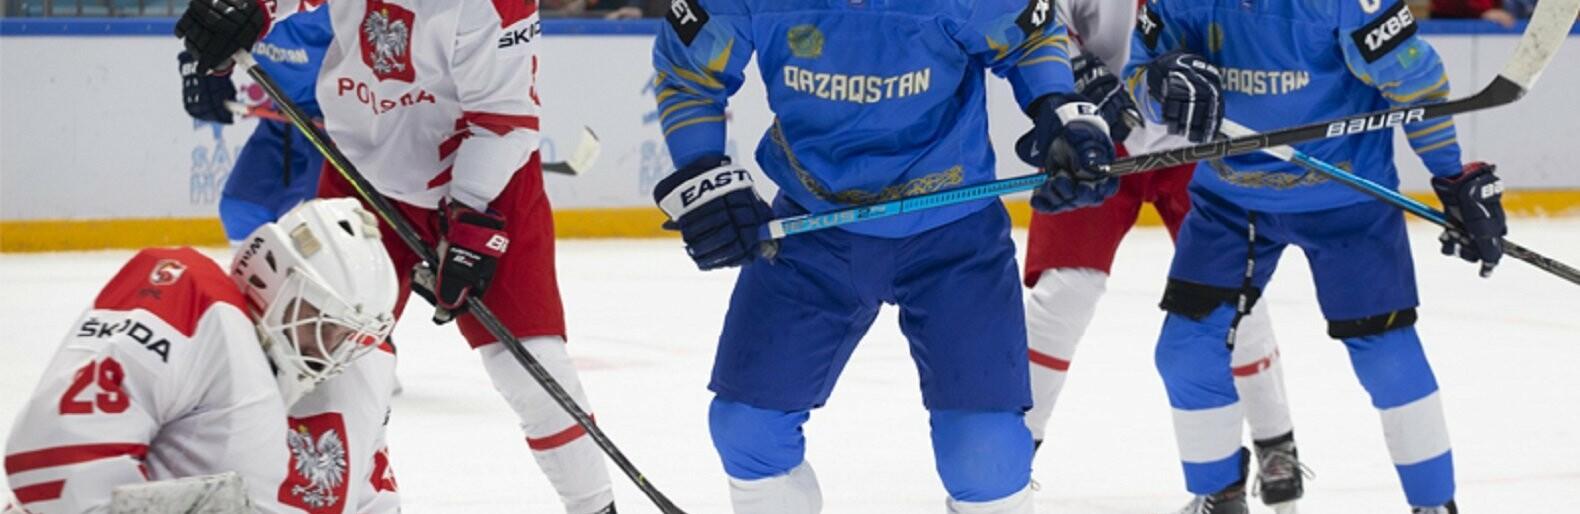 Казахстанские хоккеисты проиграли в отборе на Олимпийские игры-2022